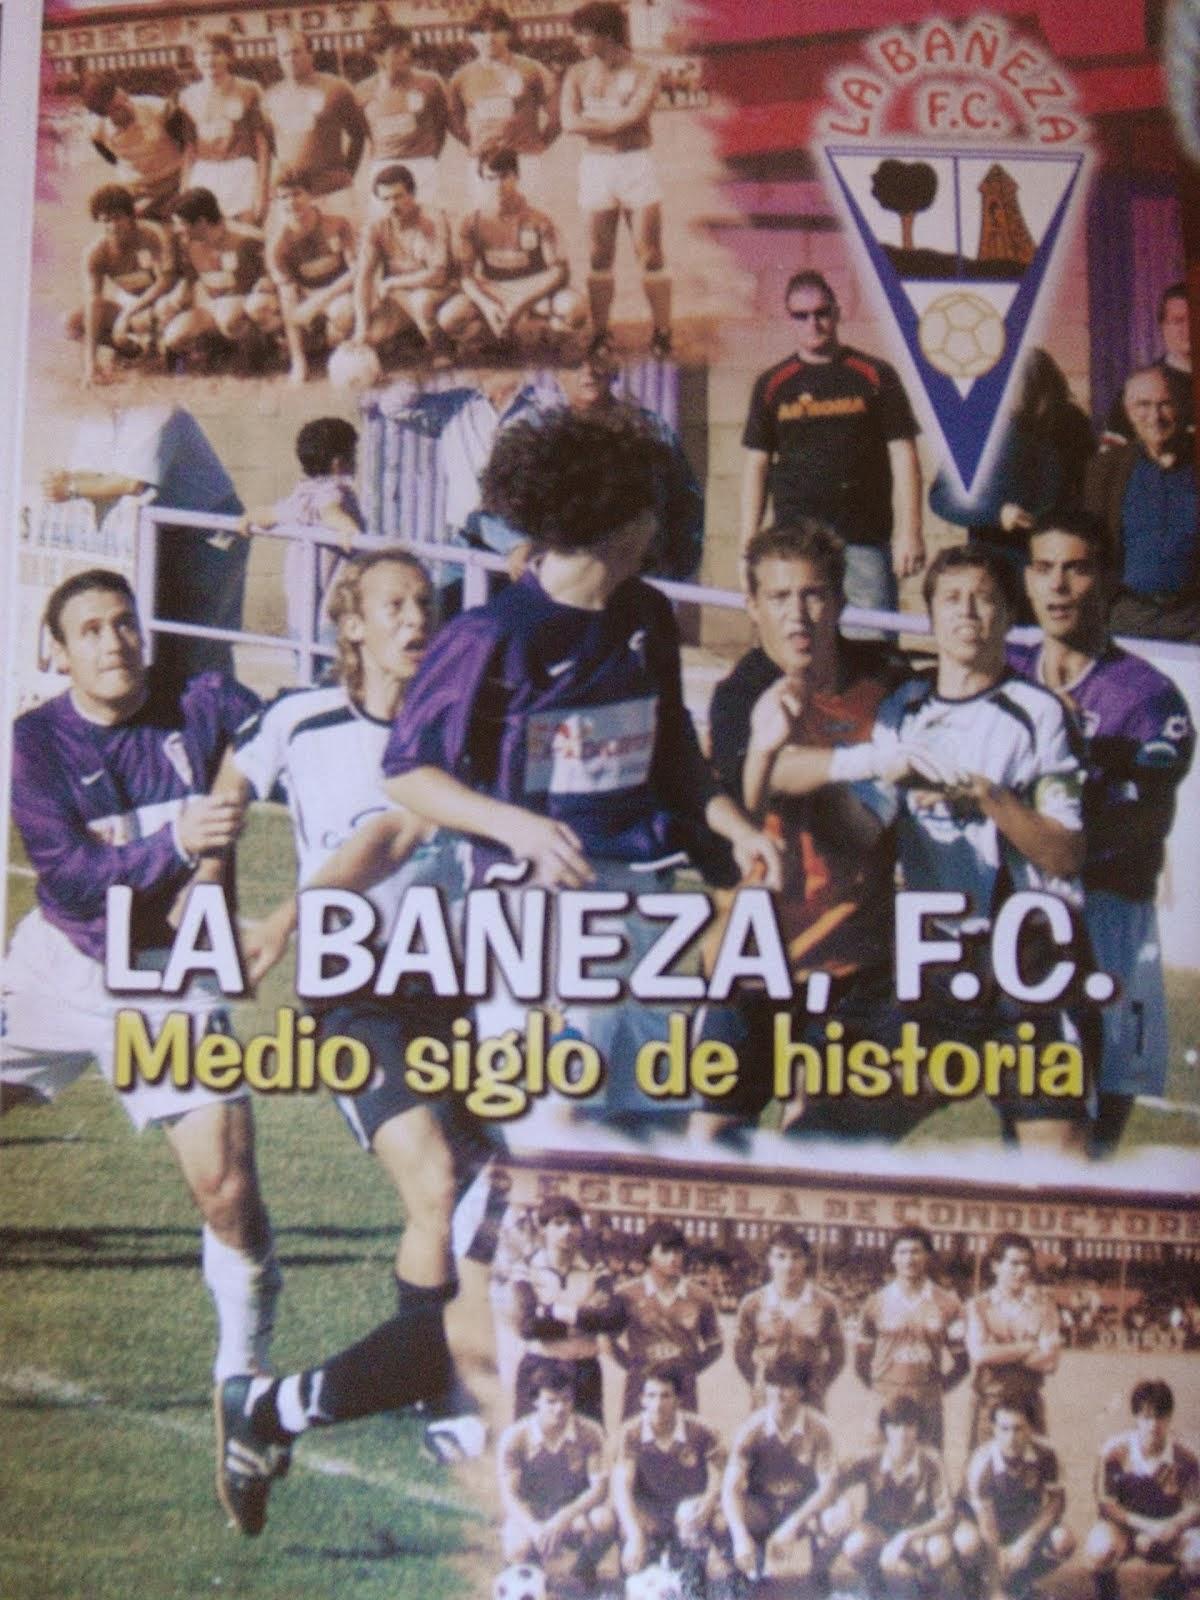 50 Años de Historia de La Bañeza F.C.